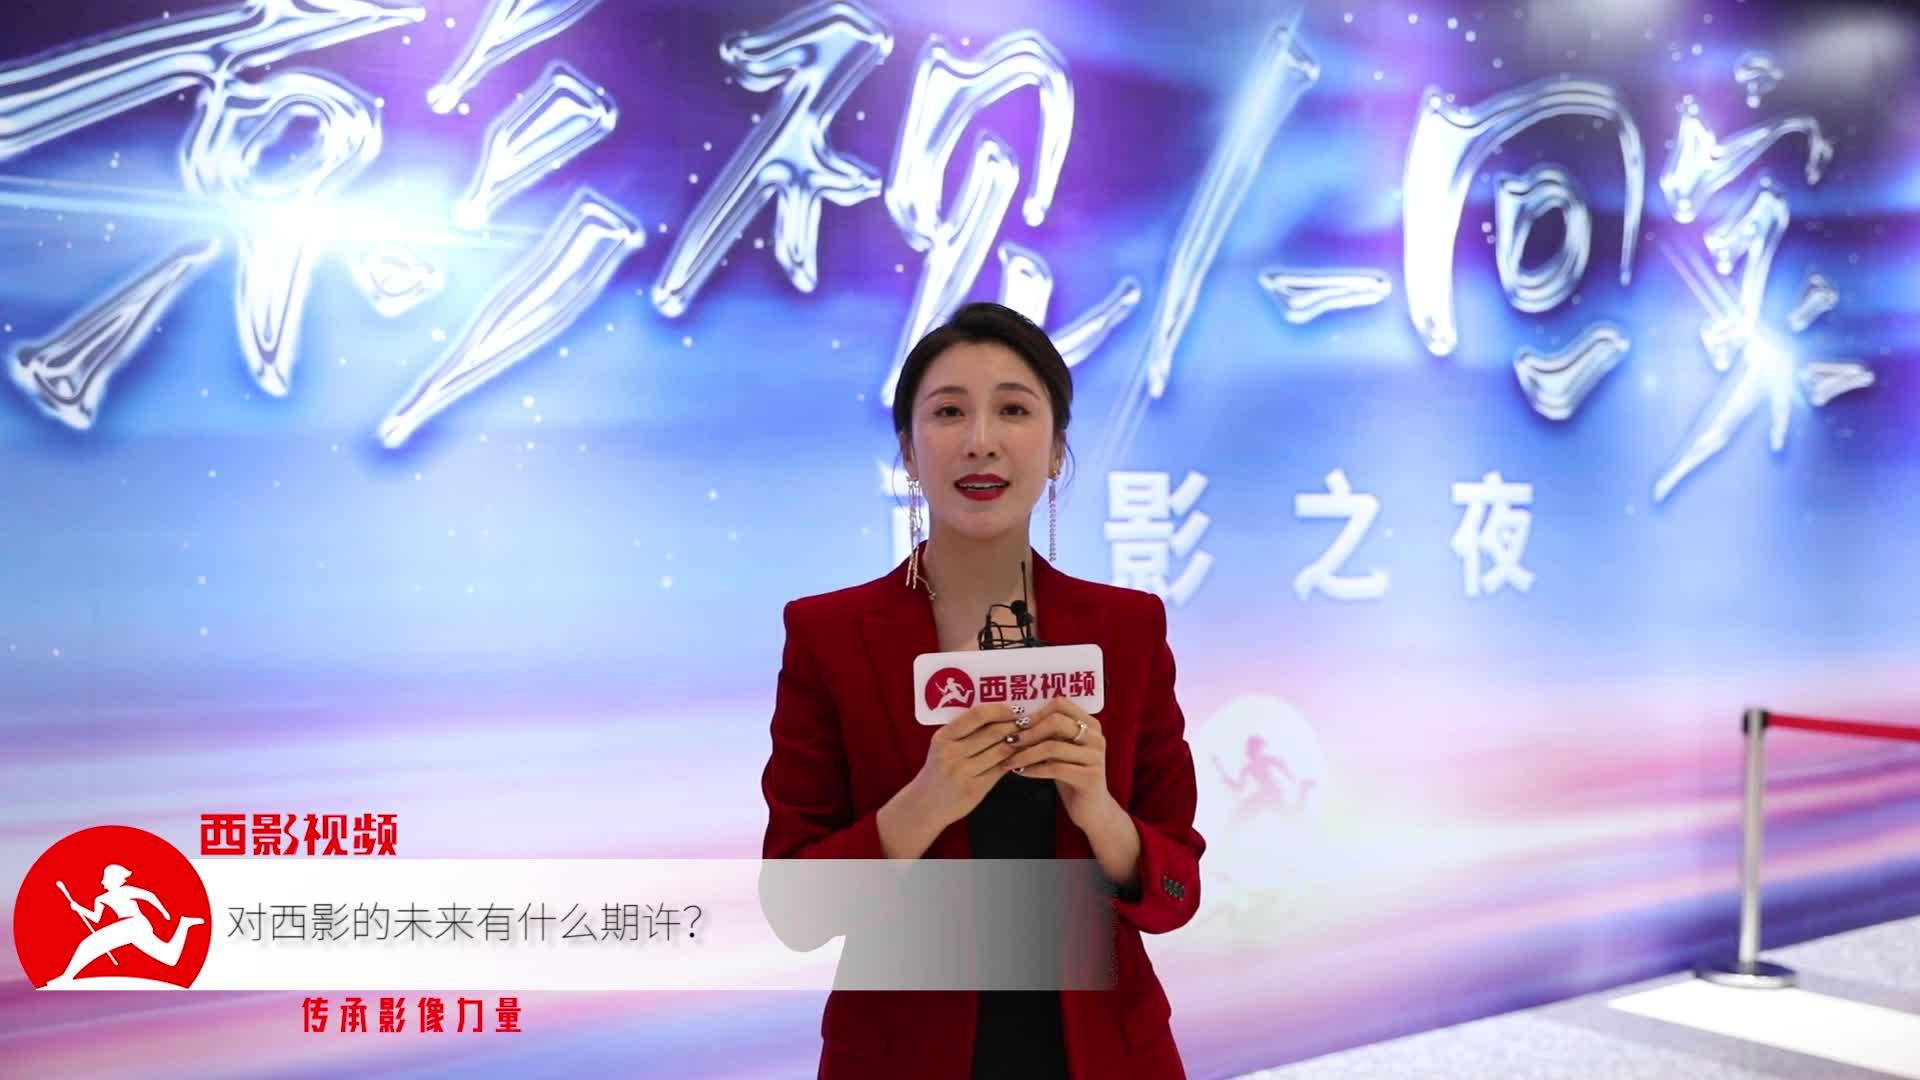 影视人回家:郭涛西影之夜专访